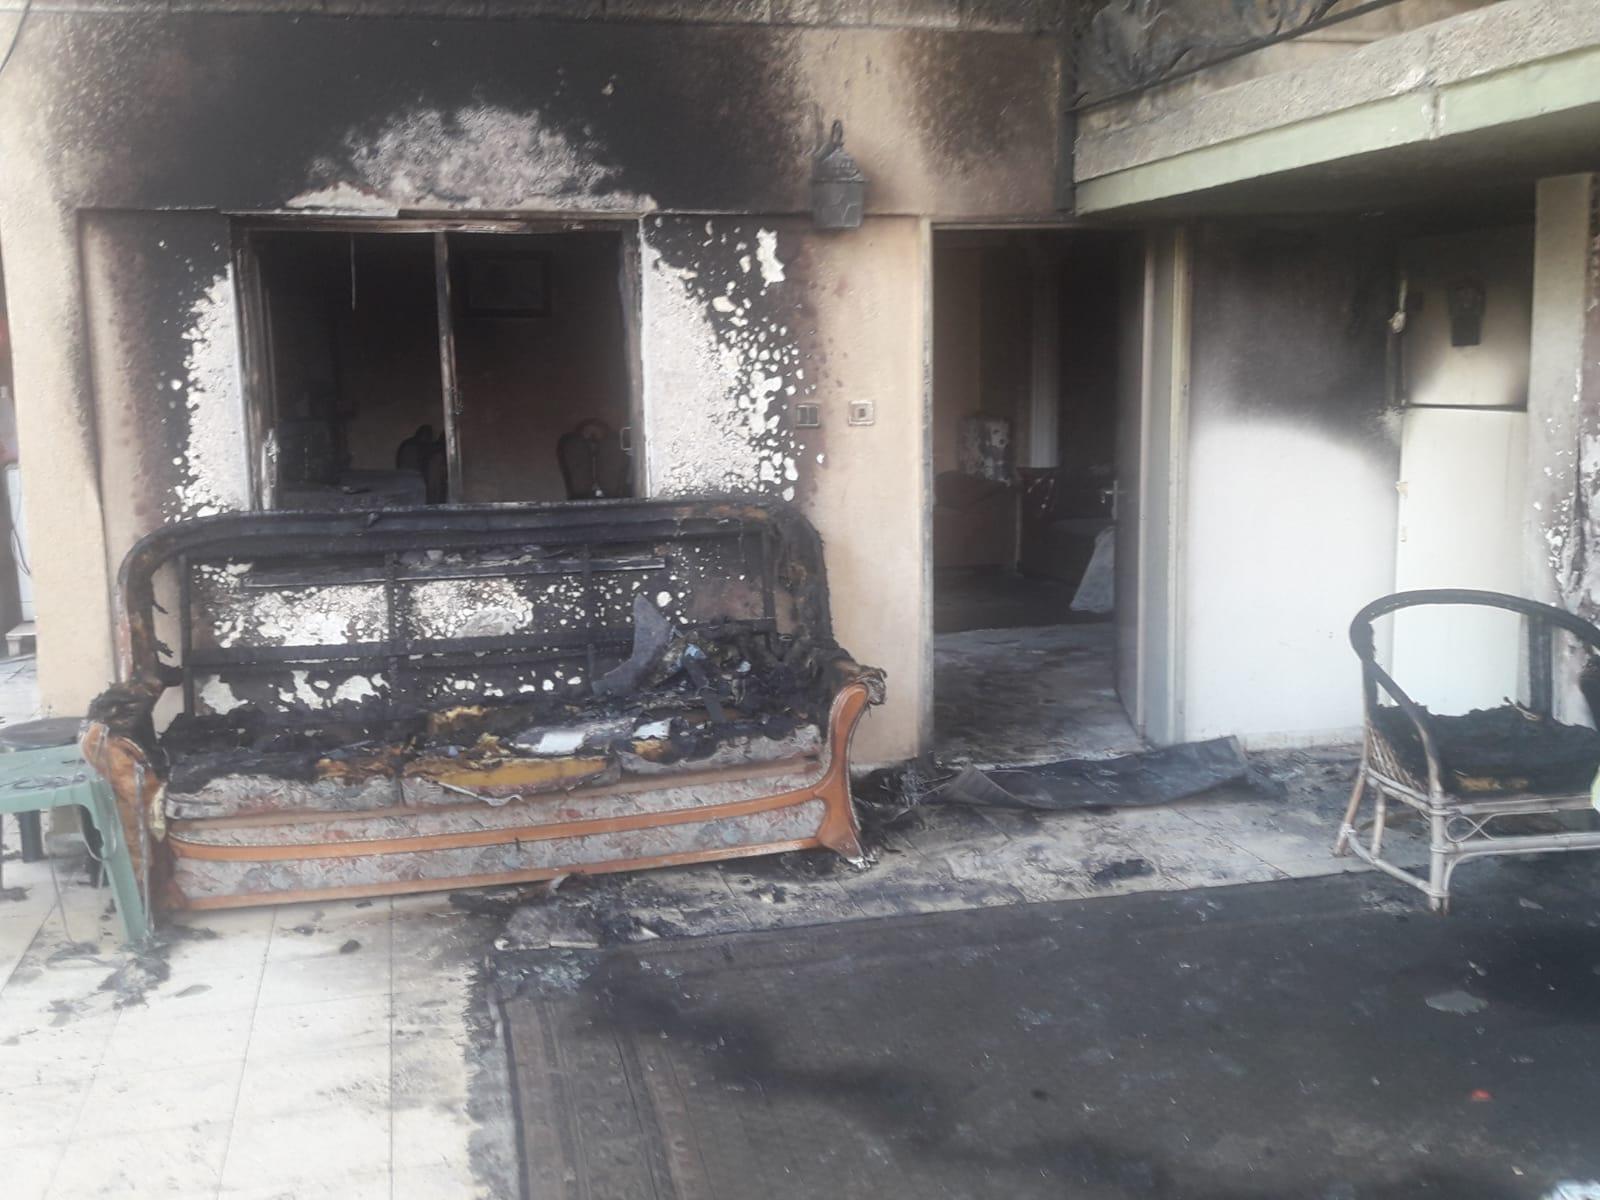 للمرة الثانية خلال أيام: إطلاق نار وحرق منزل مواطن بعرابة